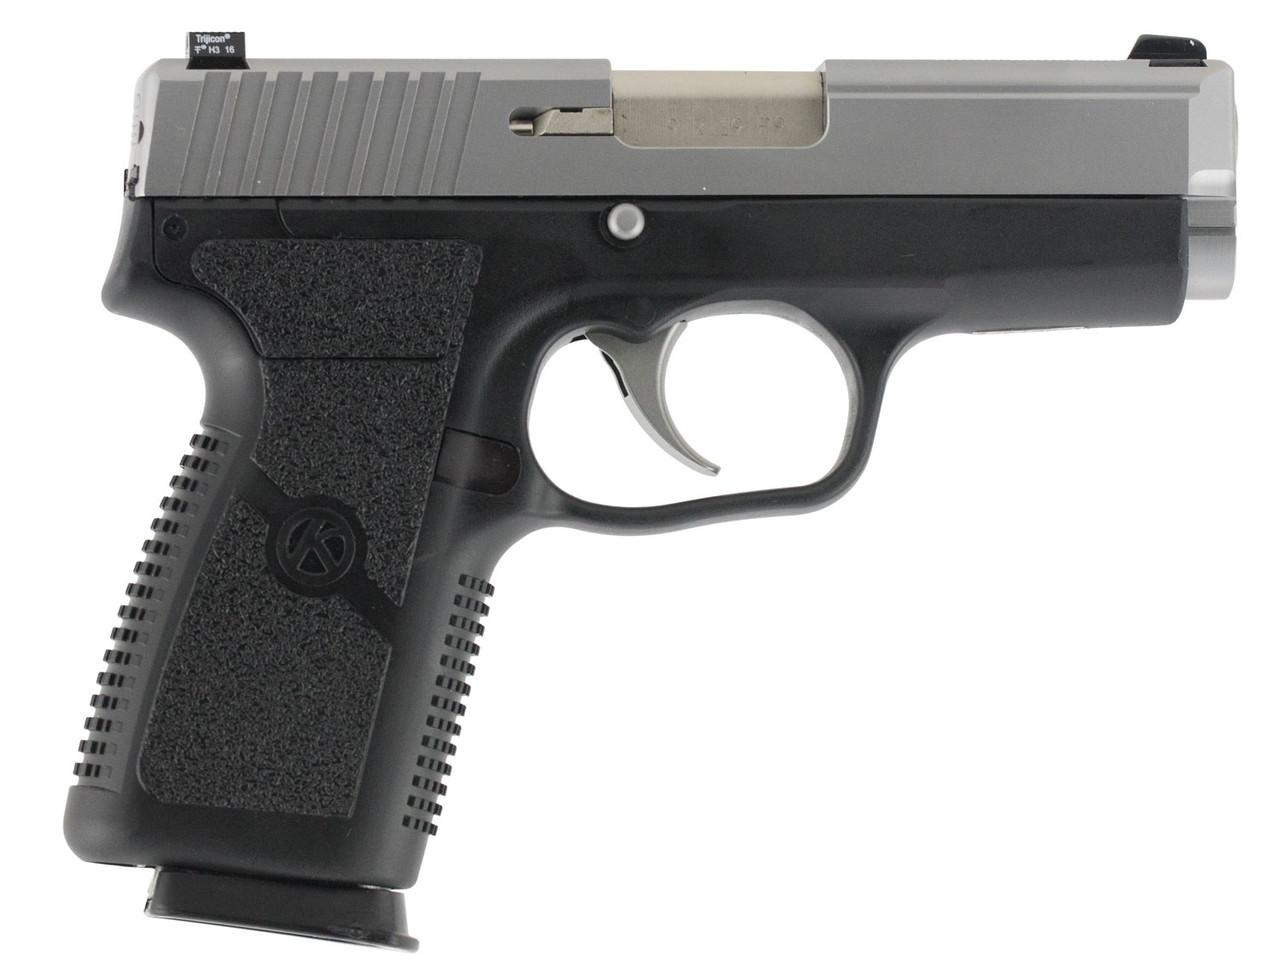 KAHR P9 Stainless Slide CALIFORNIA LEGAL - 9mm